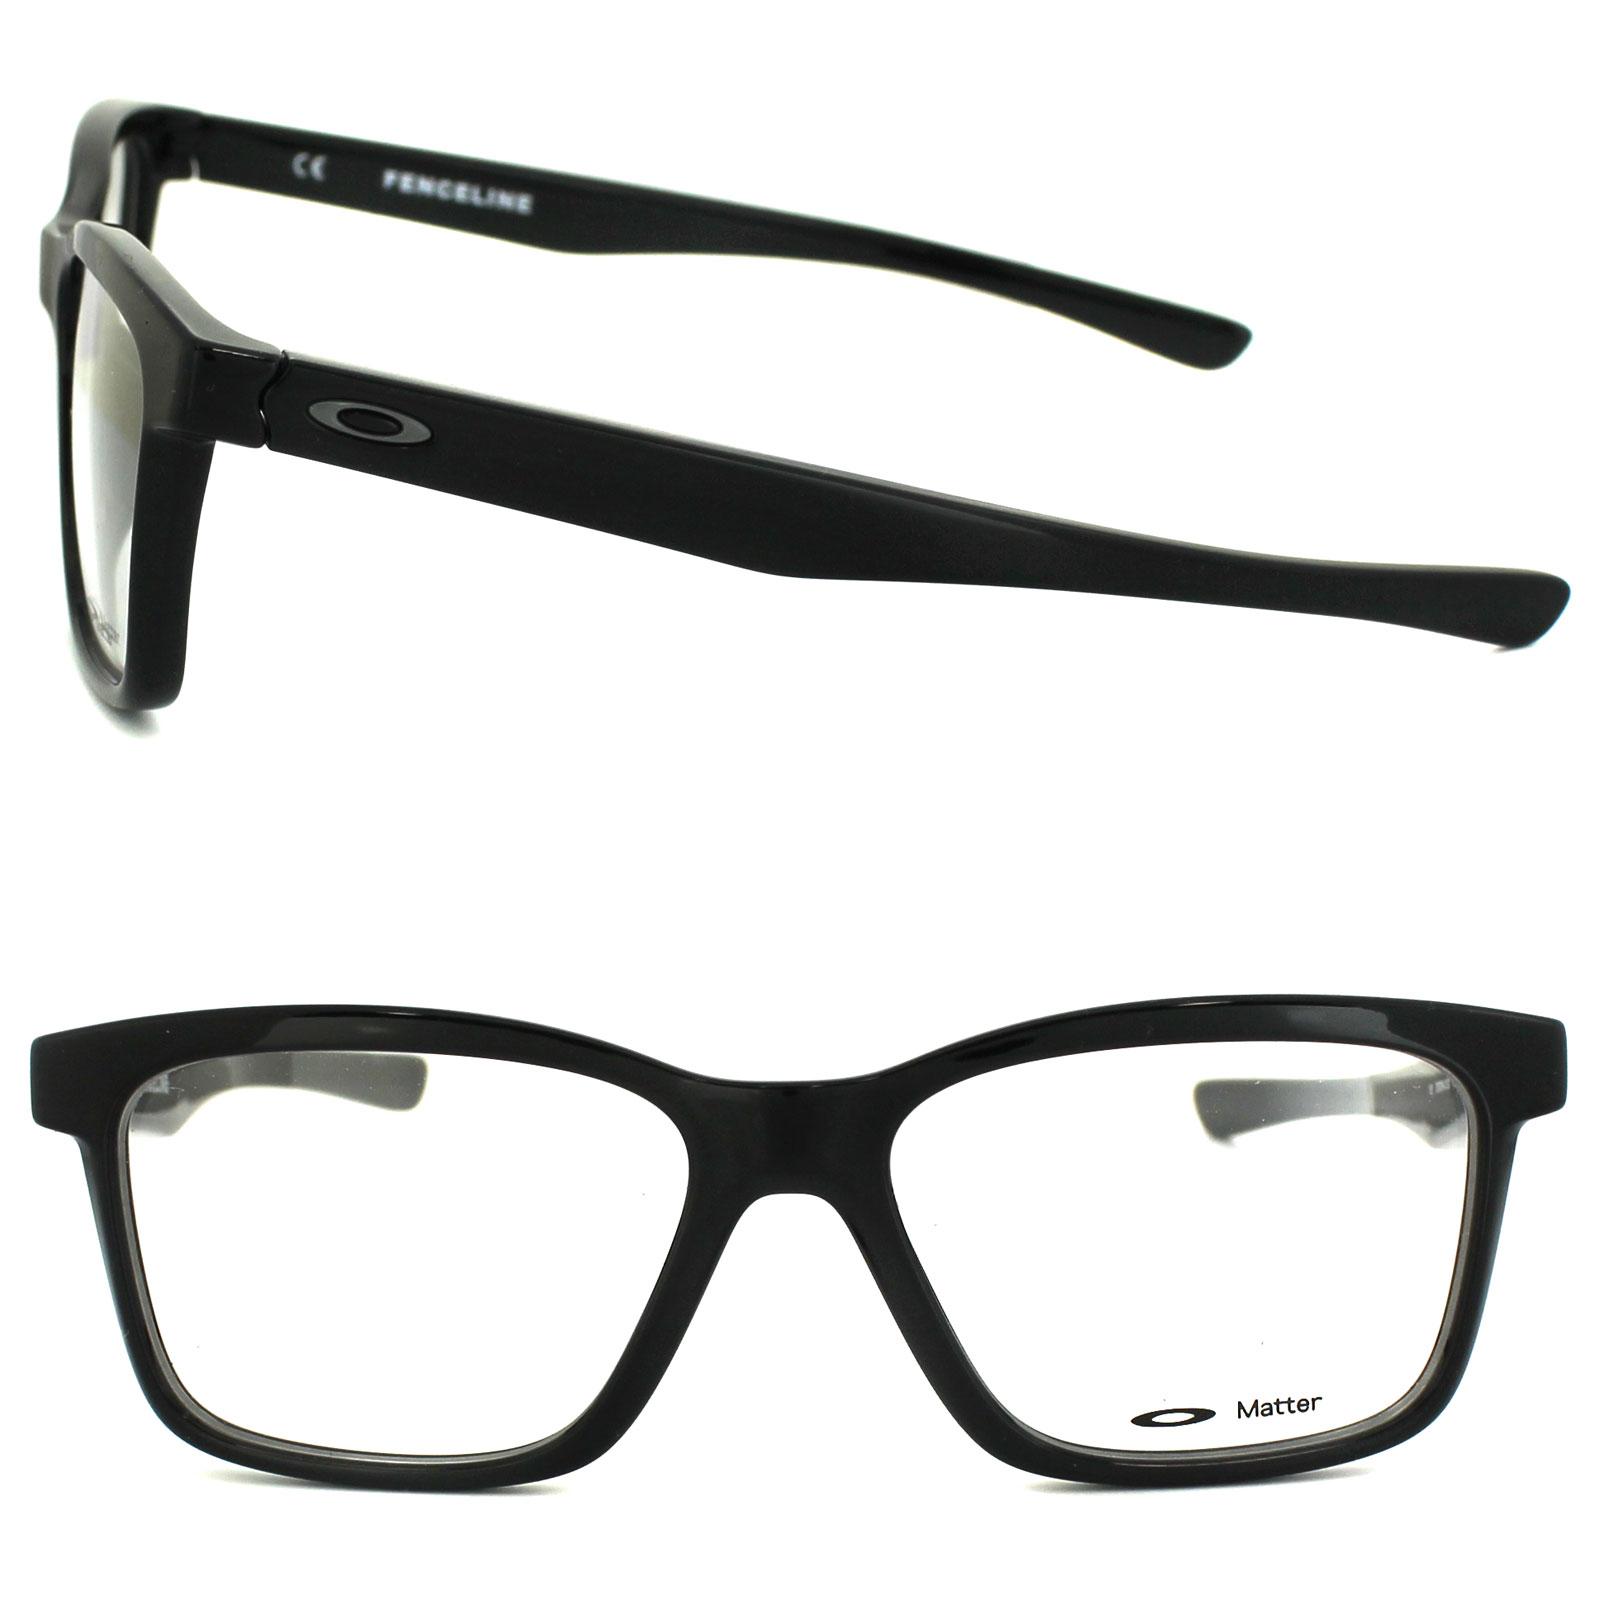 Eyeglasses Frame Polish : Oakley Glasses Frames Fenceline OX8069-01 Polished Black